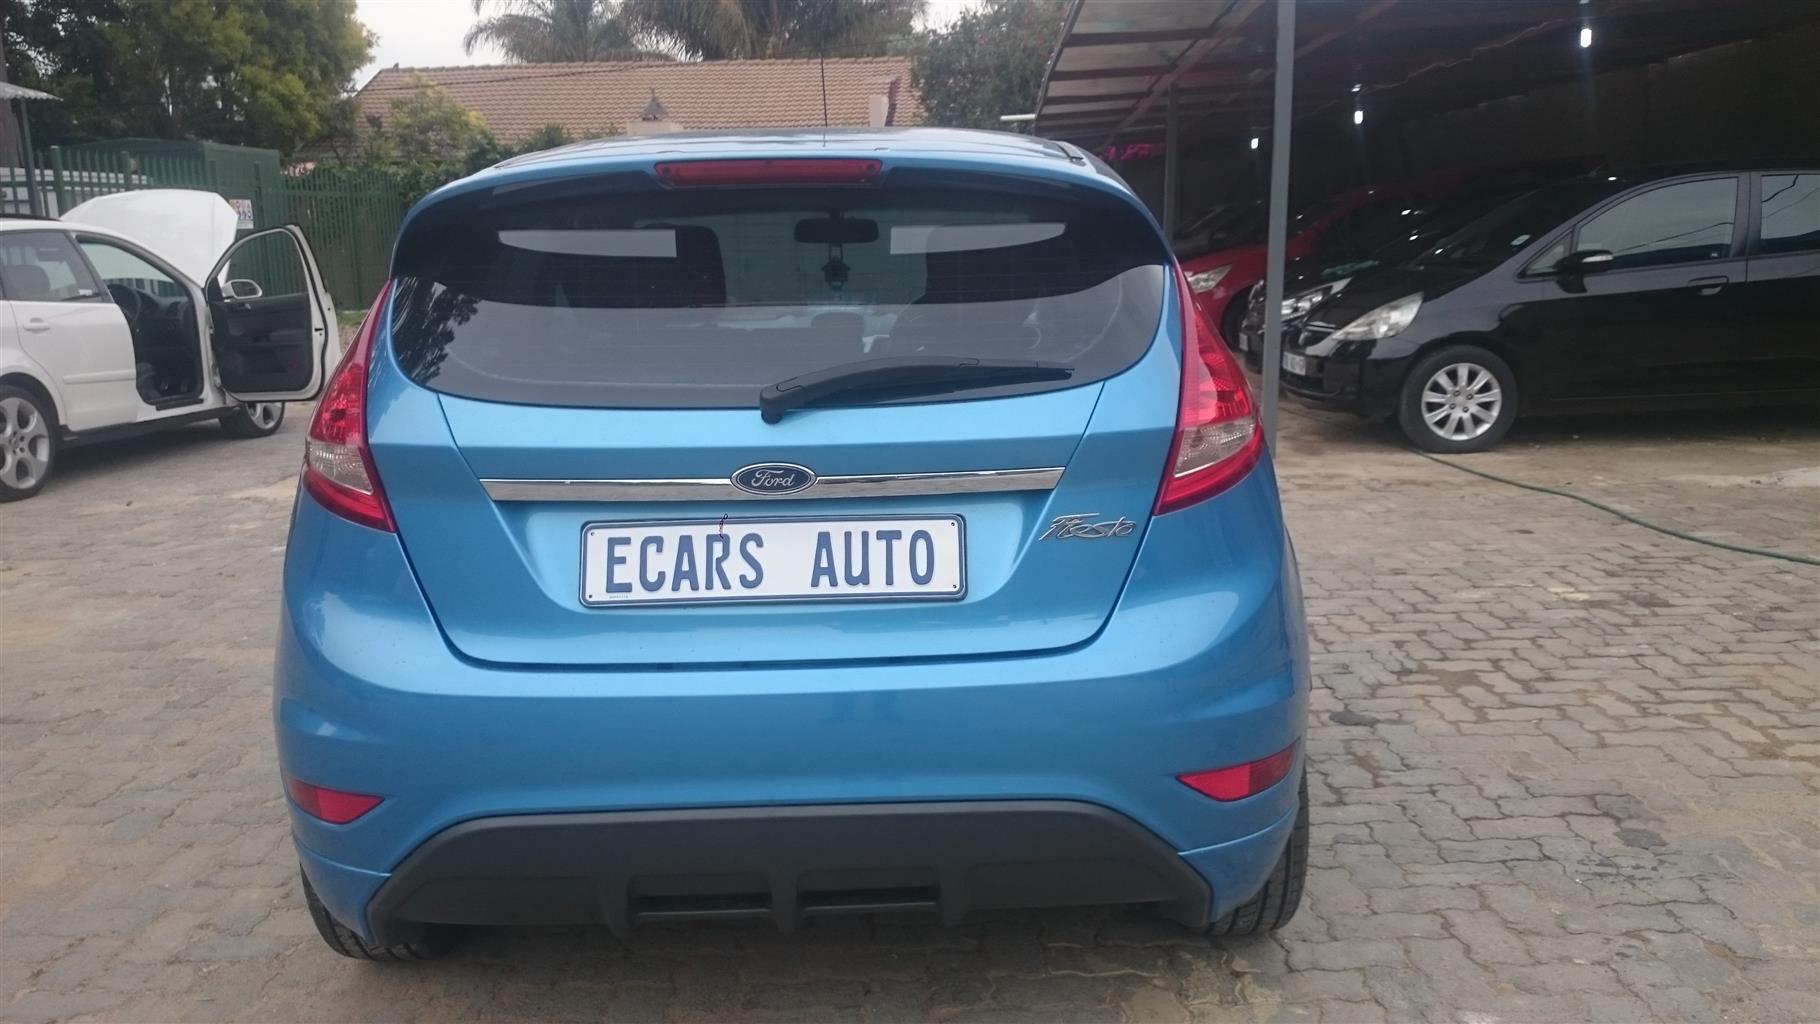 2010 Ford Fiesta 1.4 3 door Titanium